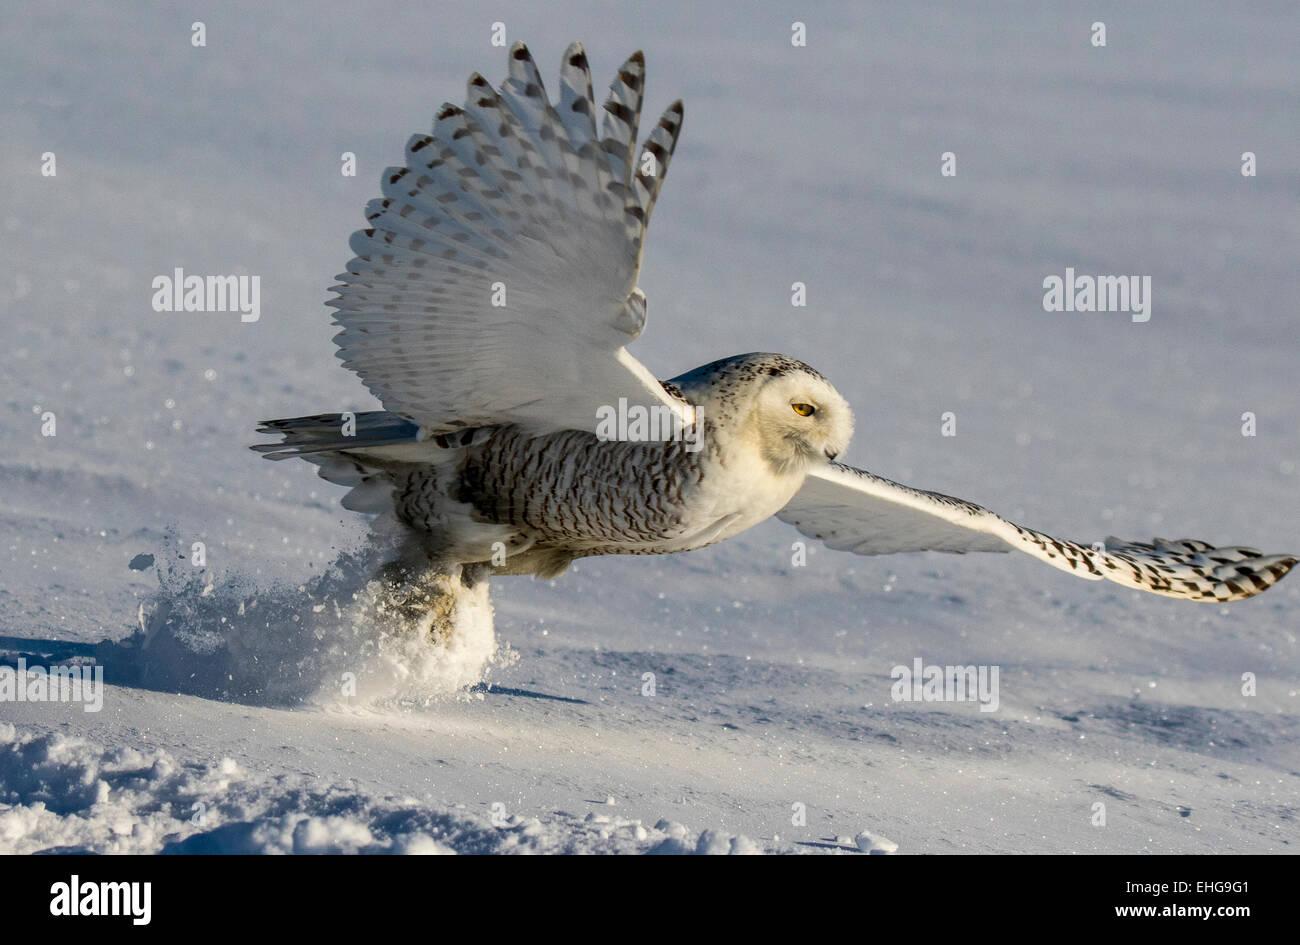 Schnee-eulen Jagen in Kanada, WO SIE FINDEN kleine Lebewesen. Sehr starke GREIFVÖGEL. Stockbild